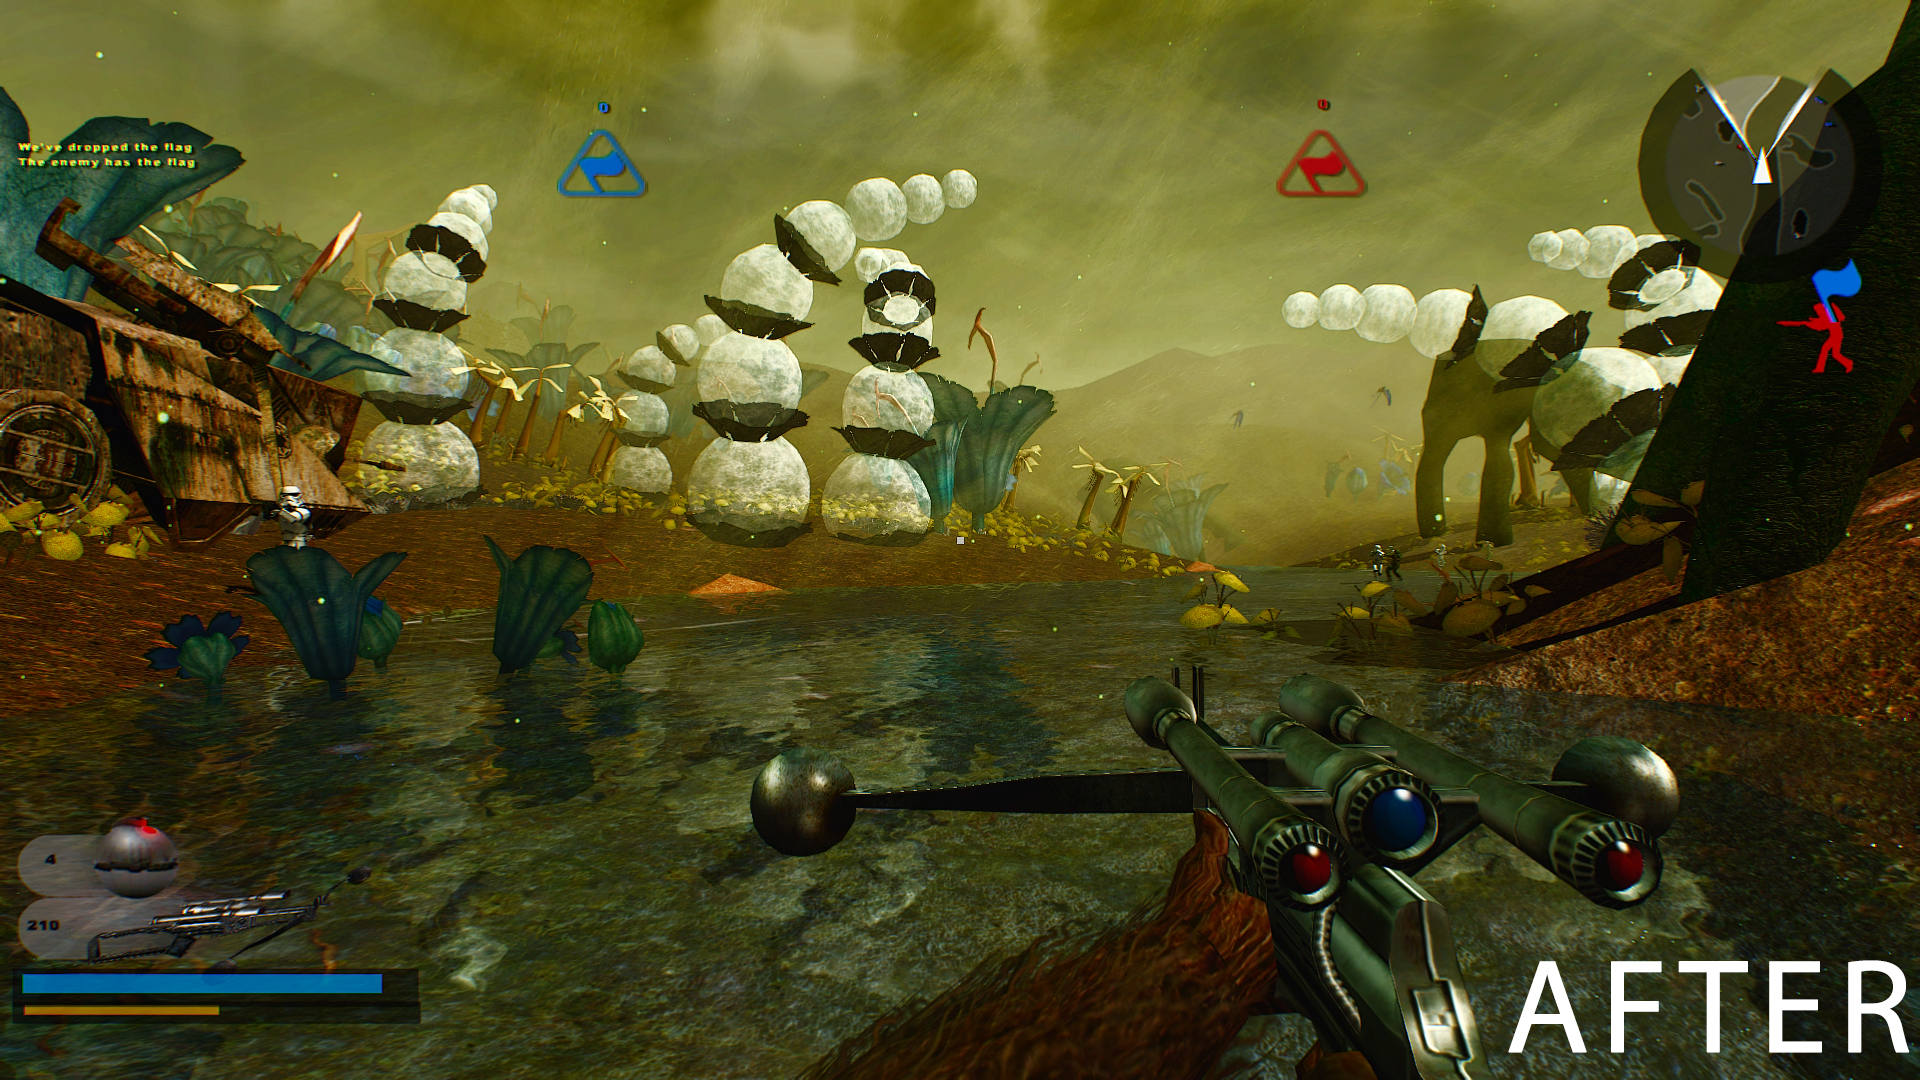 Free Download Felucia After Image Star Wars Battlefront 2 Remaster